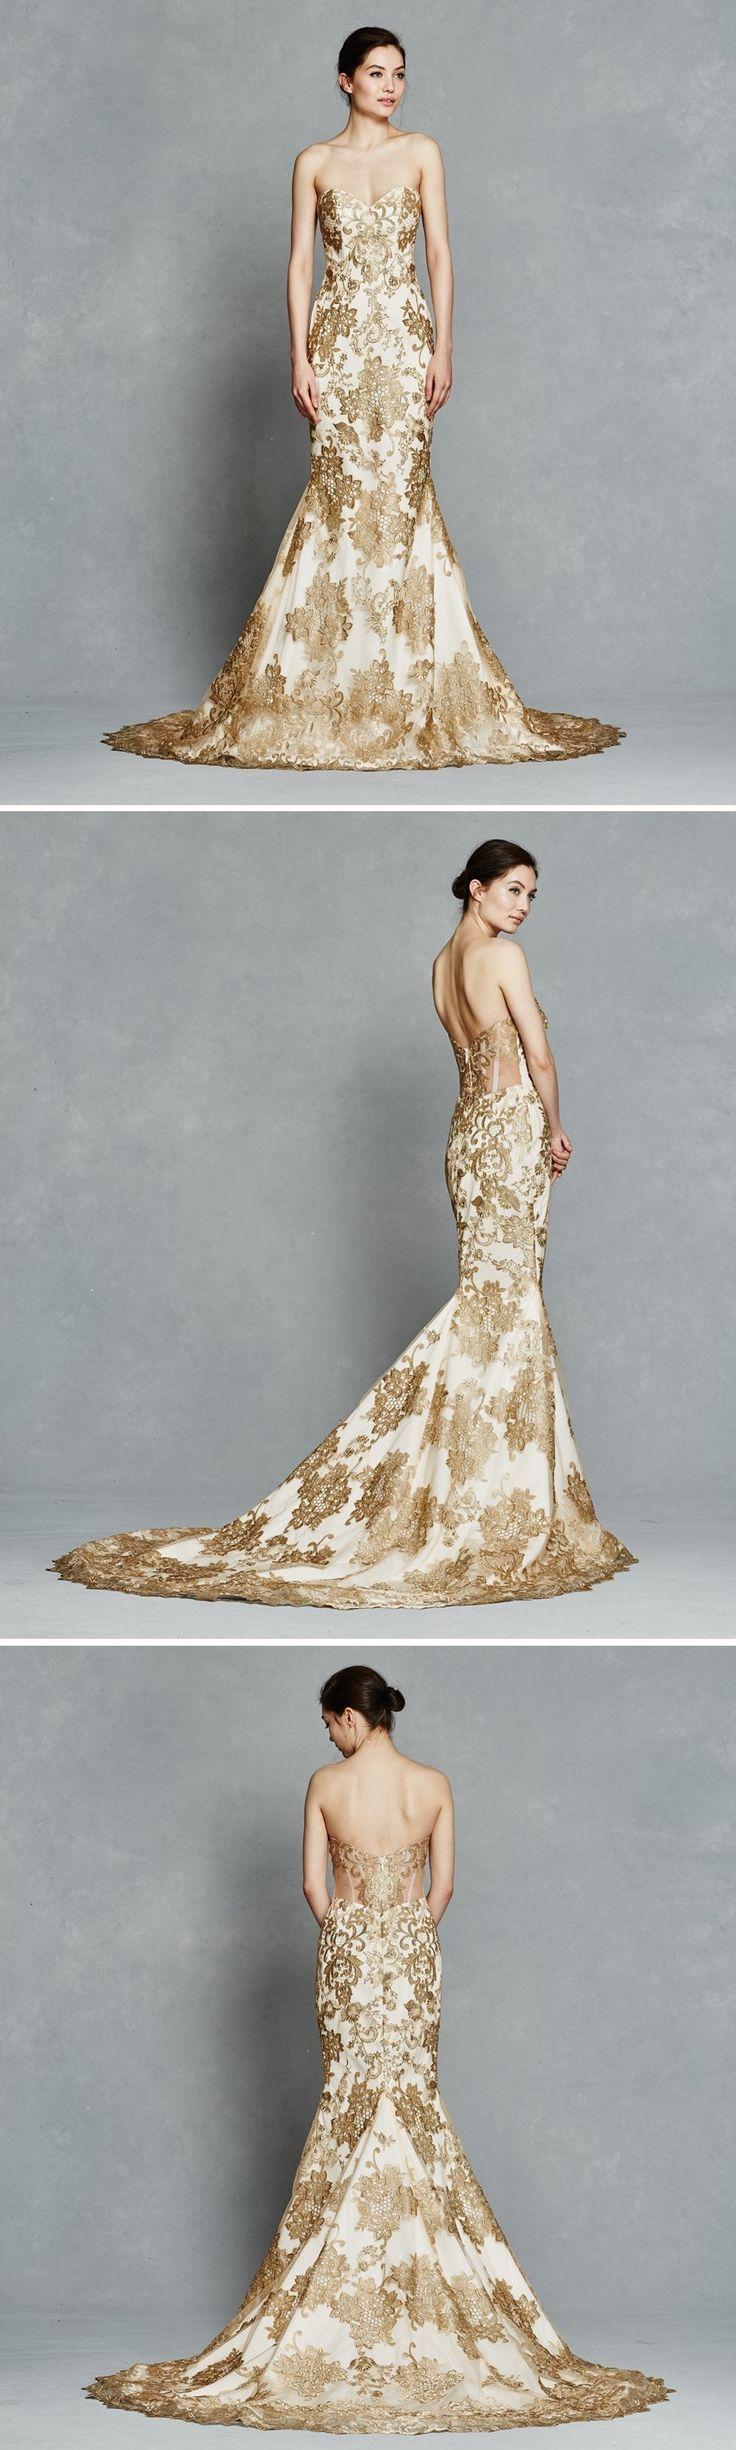 Stunning Gold Lace Wedding Dress    Gwendelyn by Kelly Faetanini ...